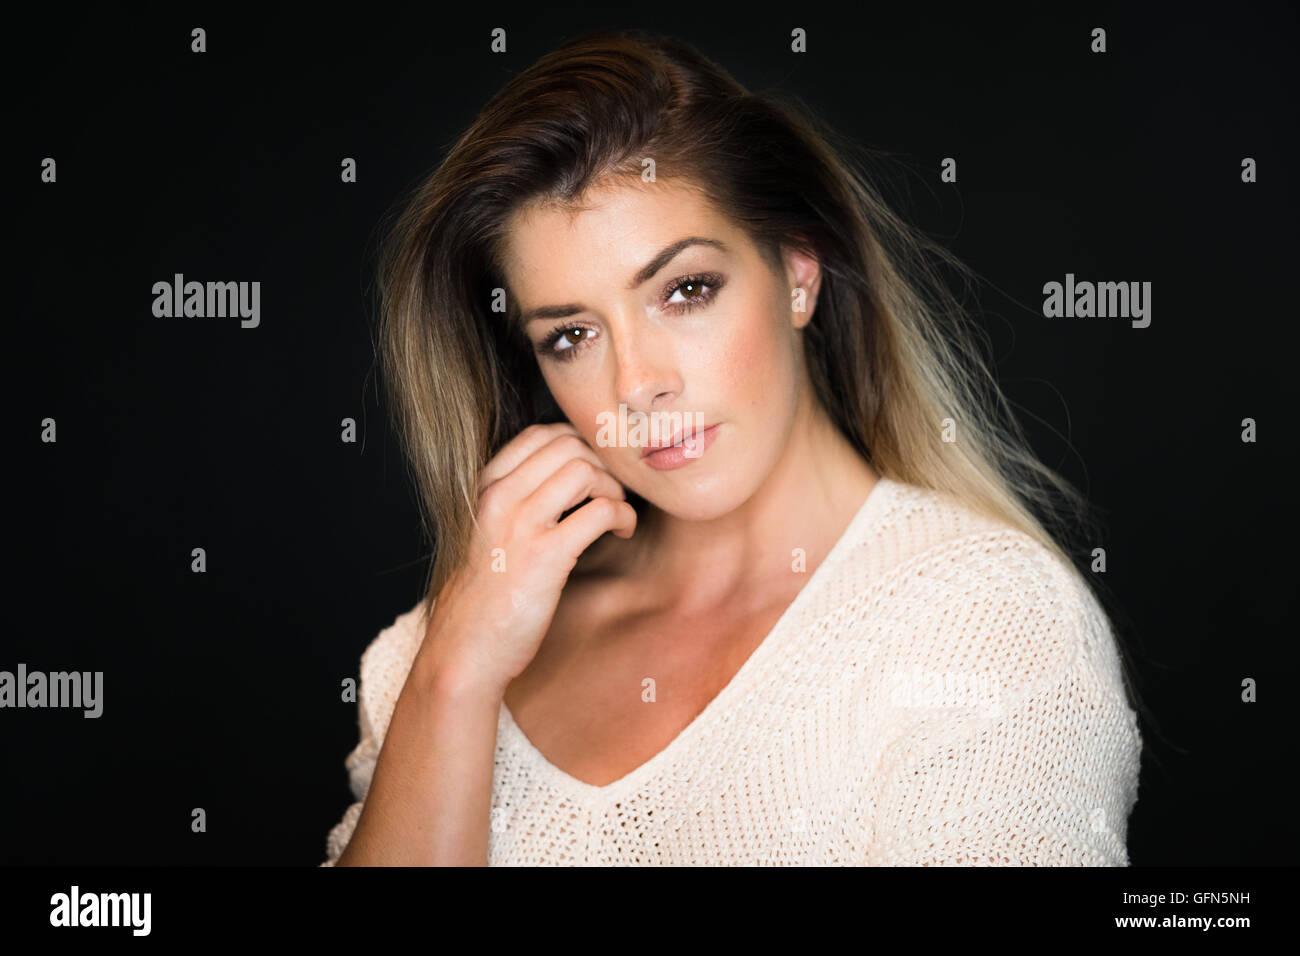 Ritratto in studio di un attraente, fiducioso donna nella sua 20s Foto Stock